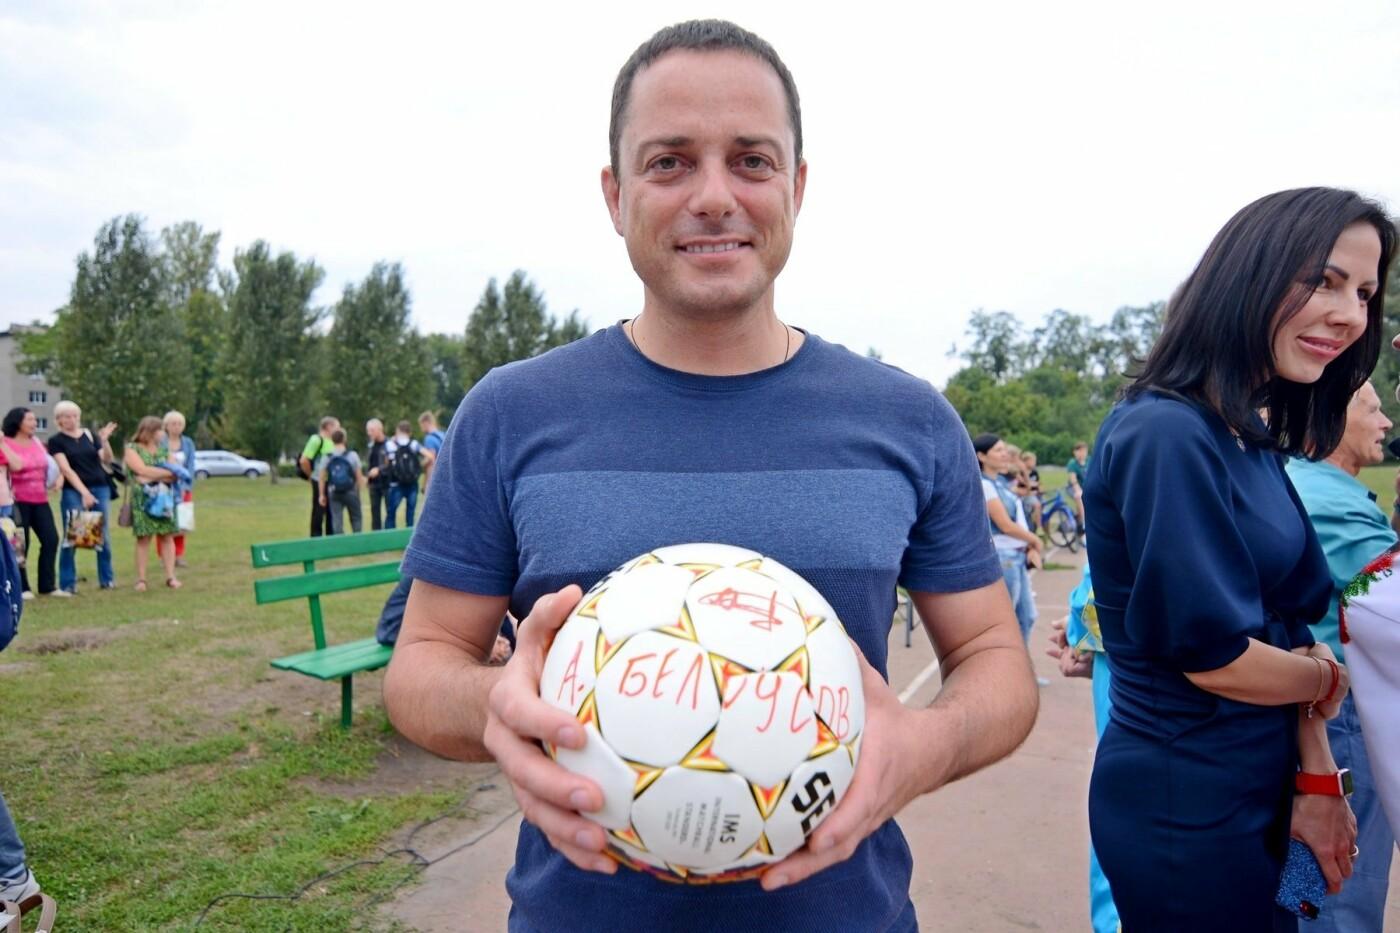 В Южном районе Каменского состоялся футбольный праздник, фото-4